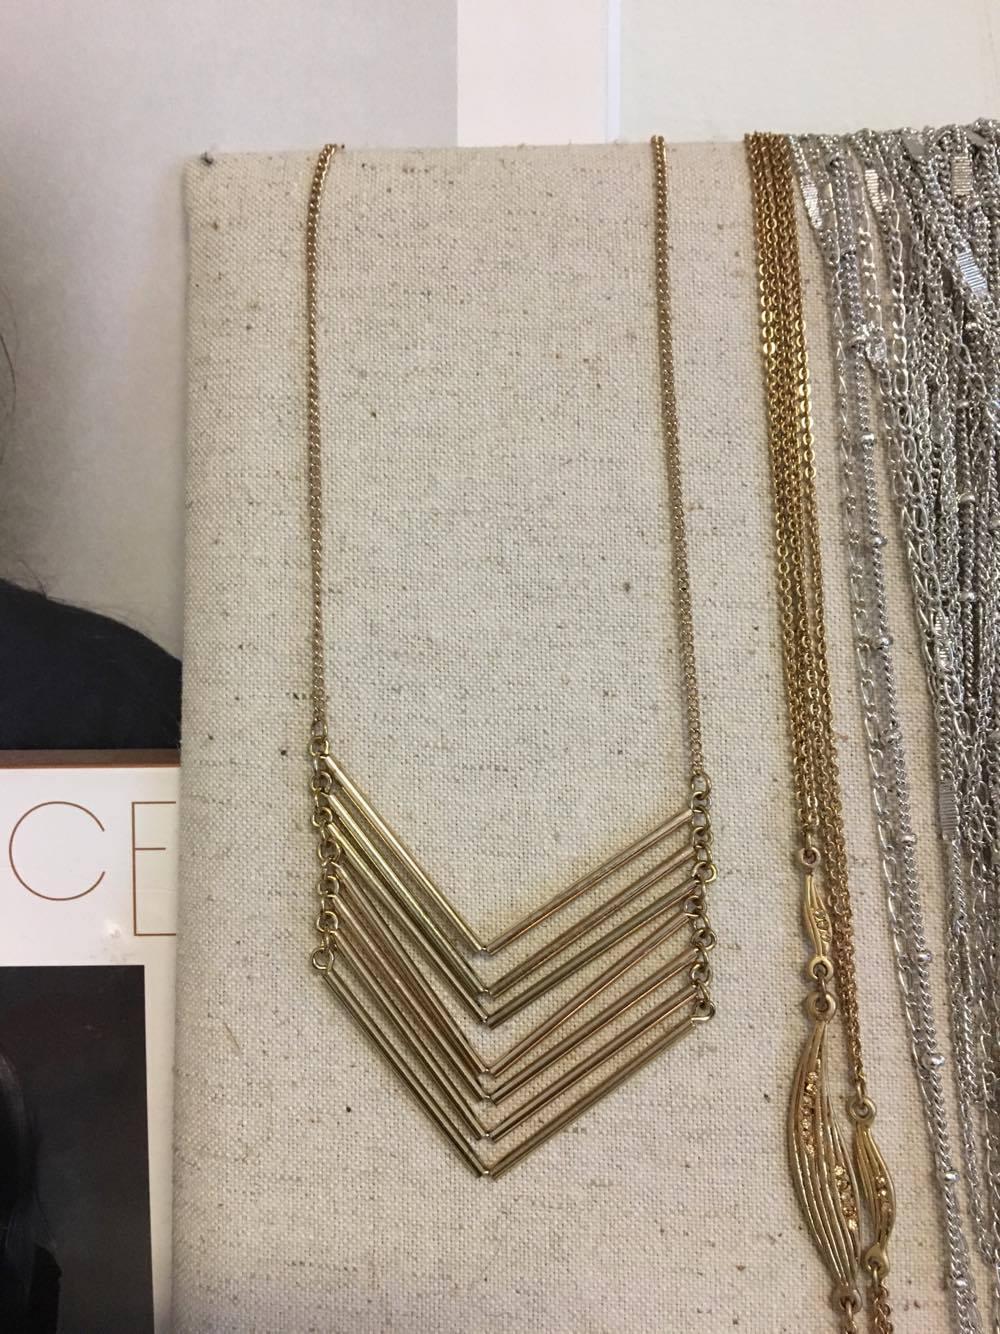 Baublebar Chevron Chain Necklace